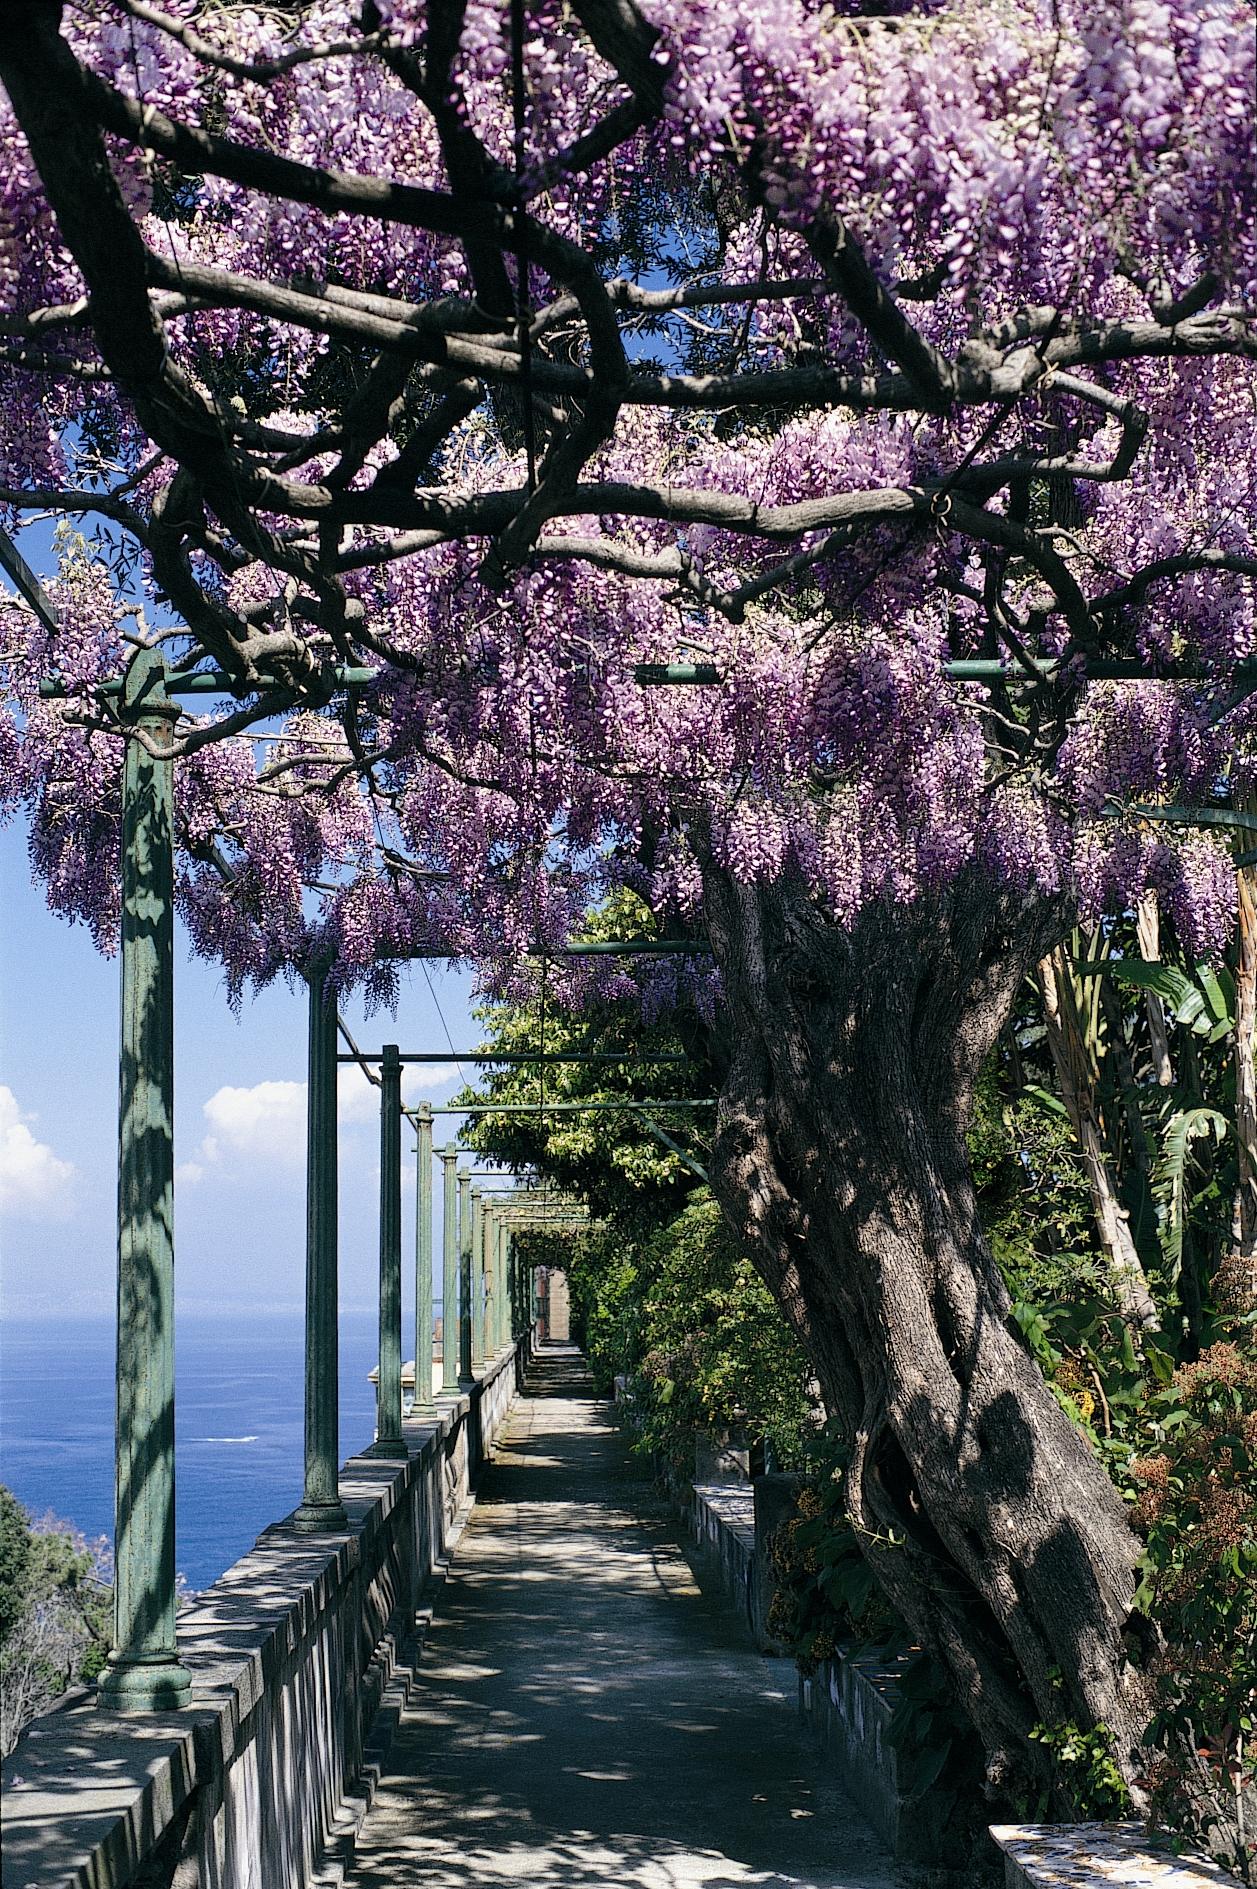 Grand Hotel Excelsior Vittoria Sorrento wisteria